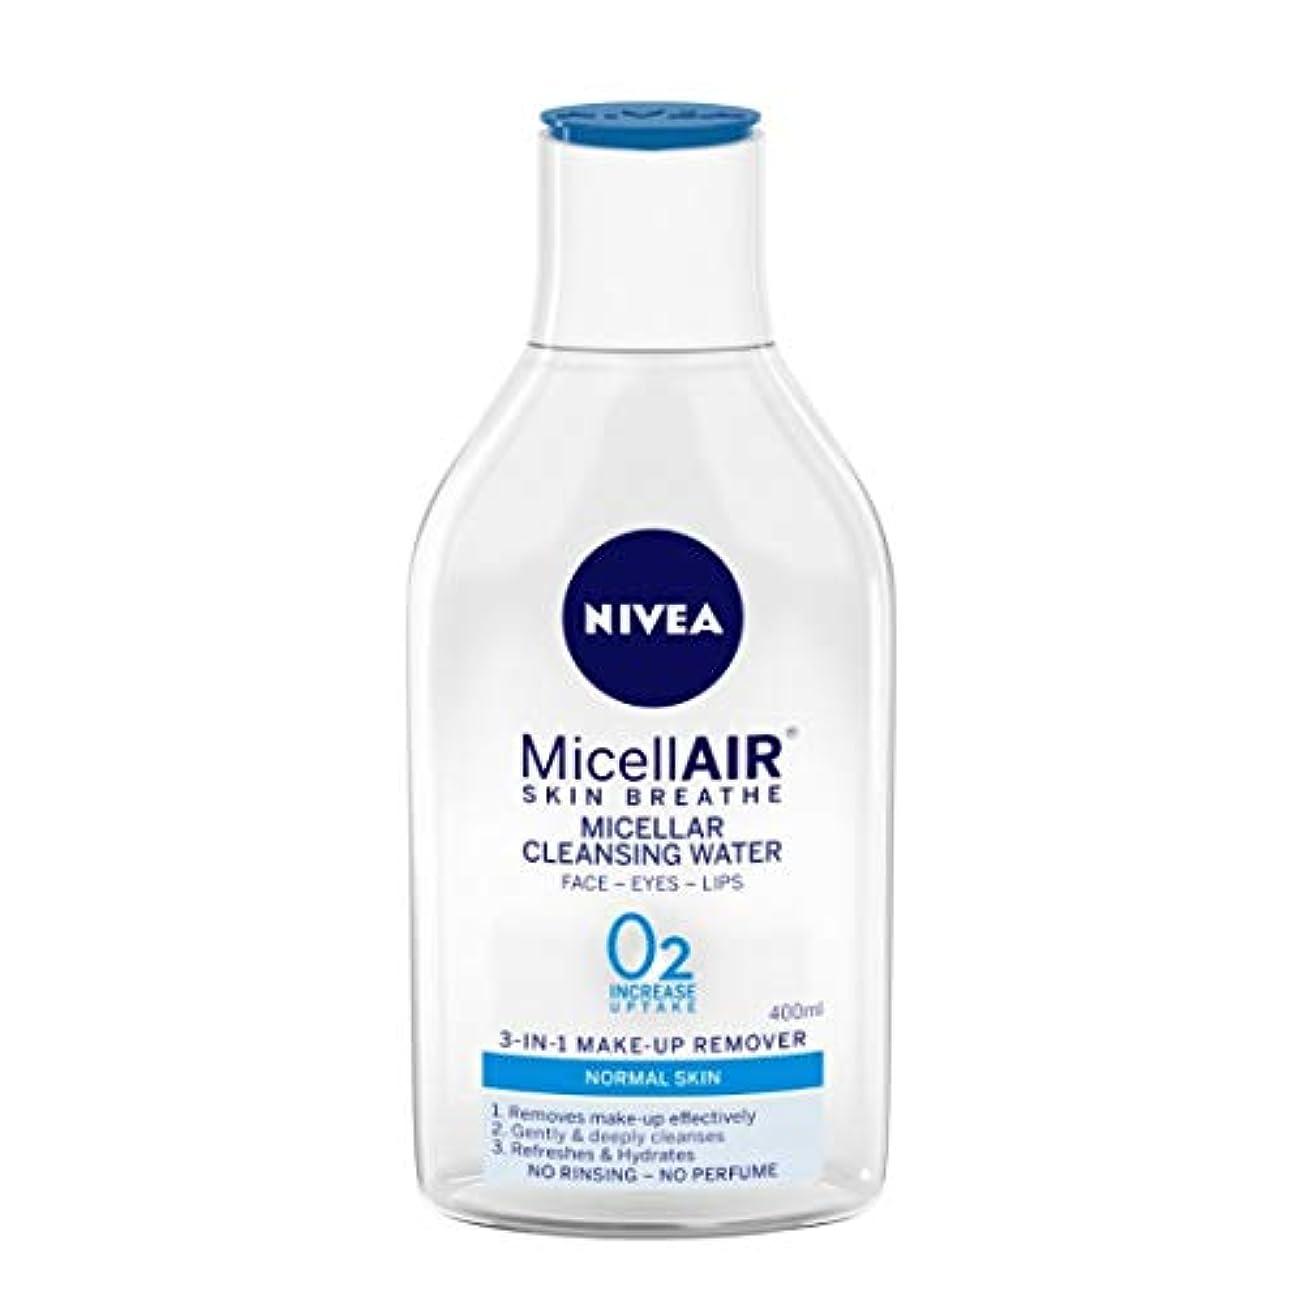 シマウマパリティ弾薬NIVEA Micellar Cleansing Water, MicellAIR Skin Breathe Make Up Remover, 400ml